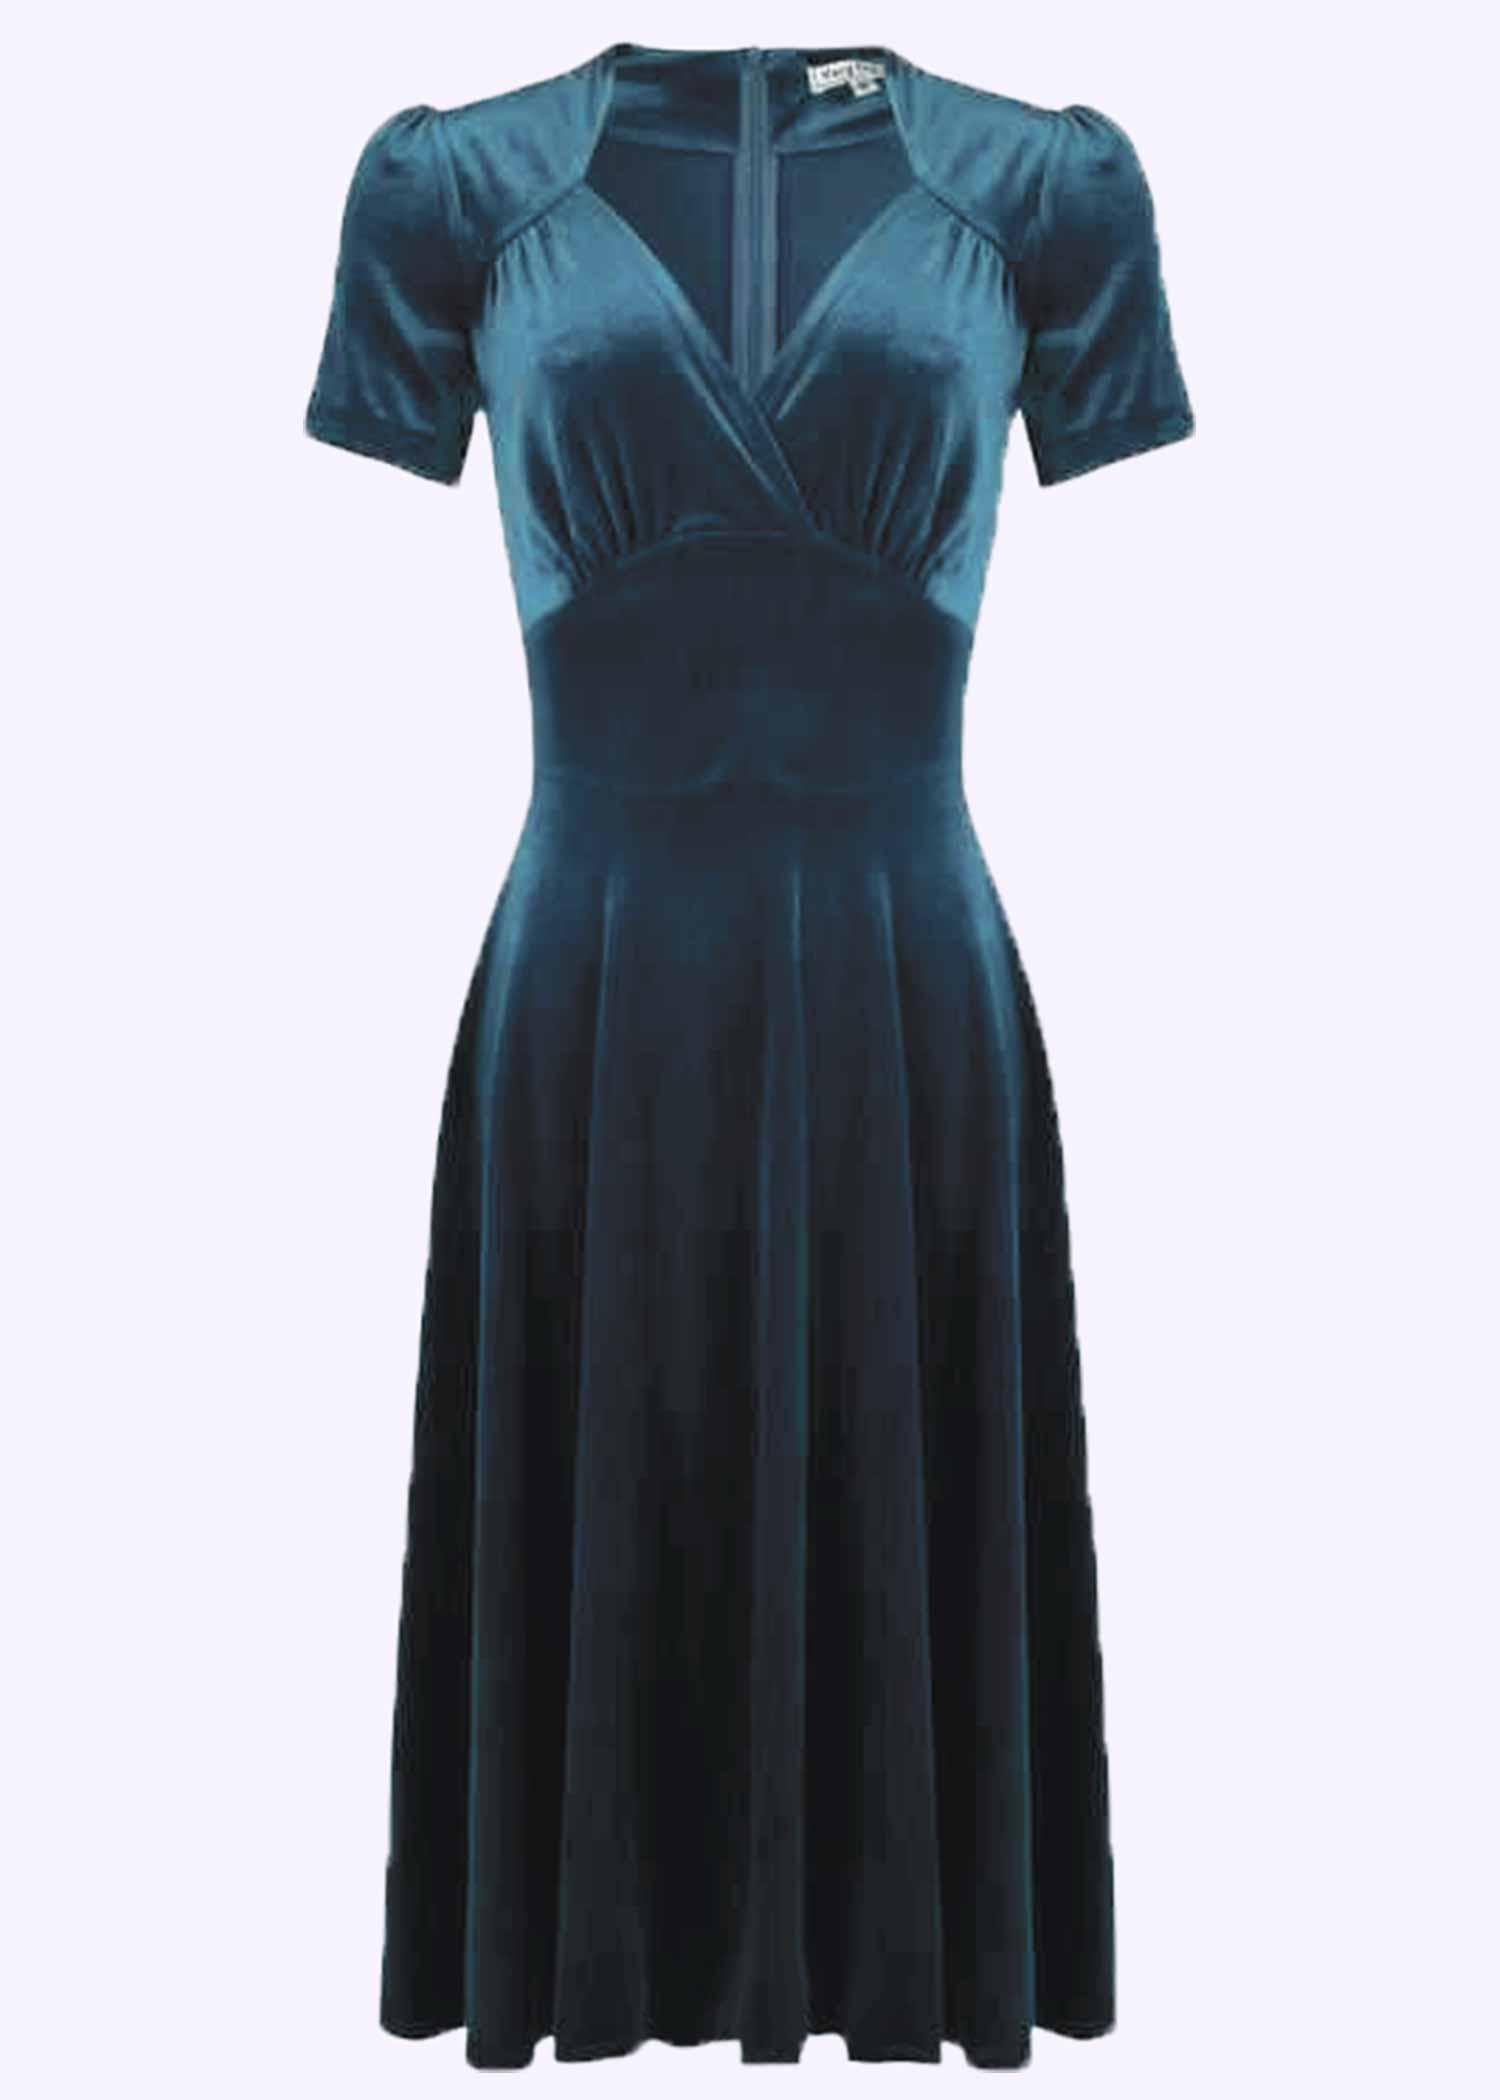 Velour kjole i blå fra Very Cherry